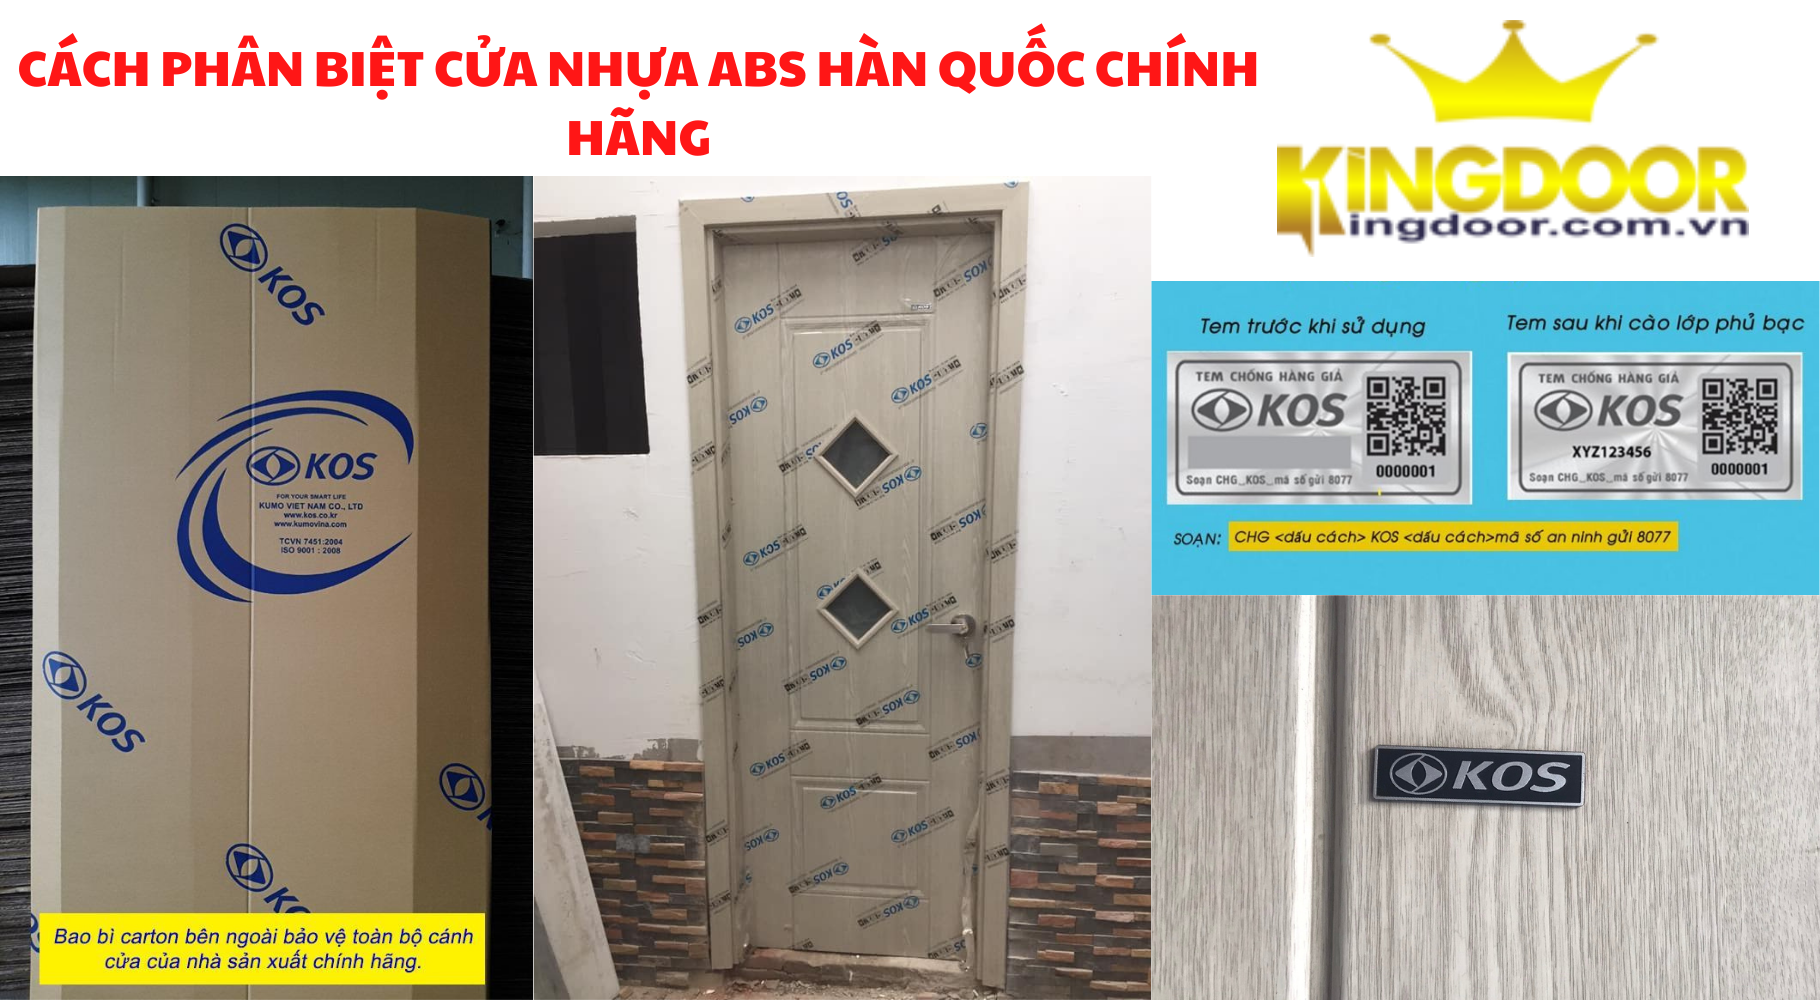 Giá cửa nhựa ABS Hàn Quốc tại Thủ Đức - Cửa nhựa giả gỗ giá rẻ - 7